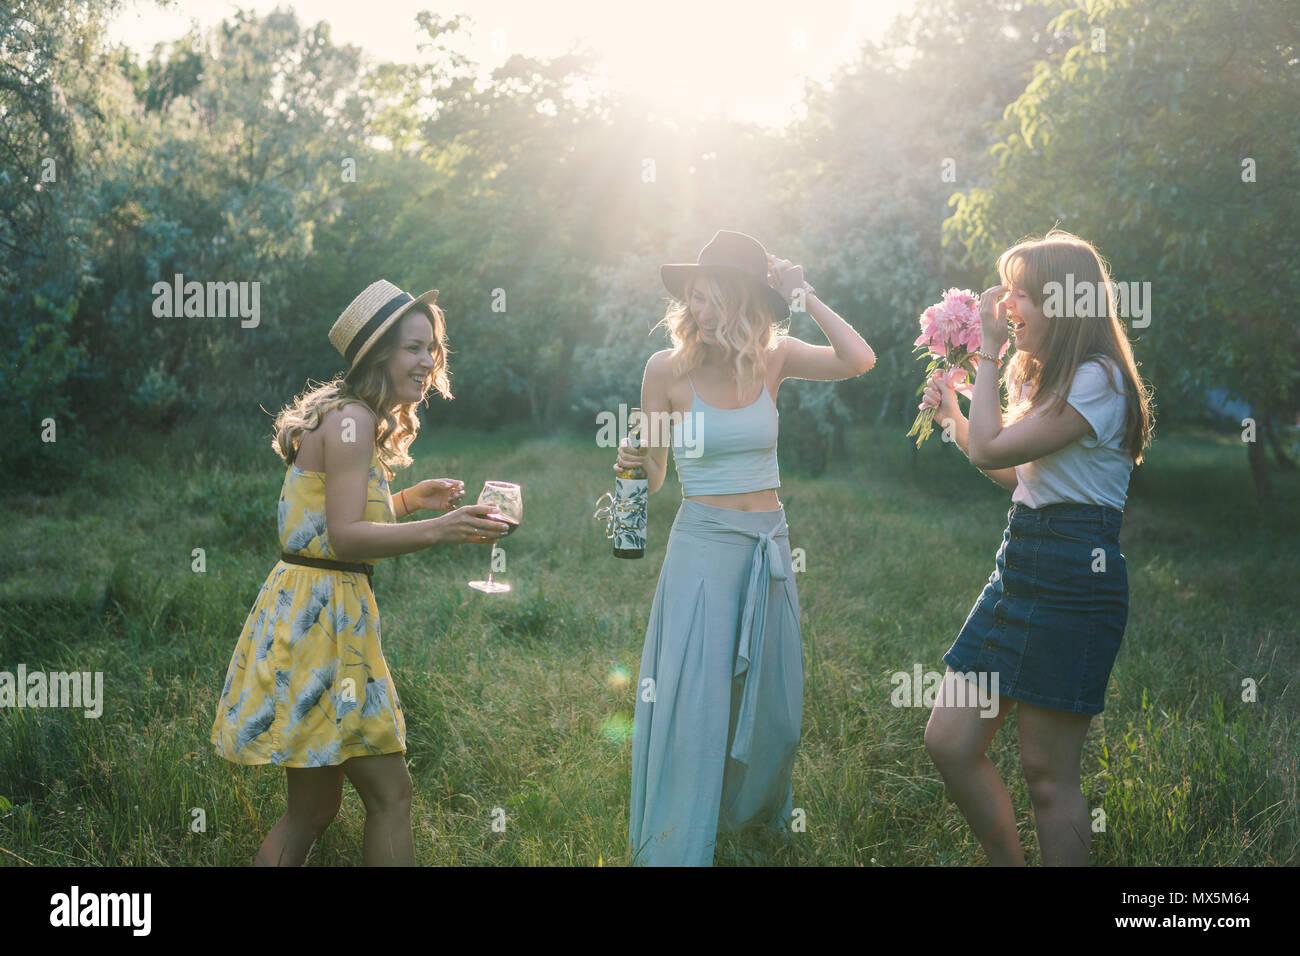 Groupe de filles faisant des amis de plein air de pique-nique. Ils s'amusent Photo Stock